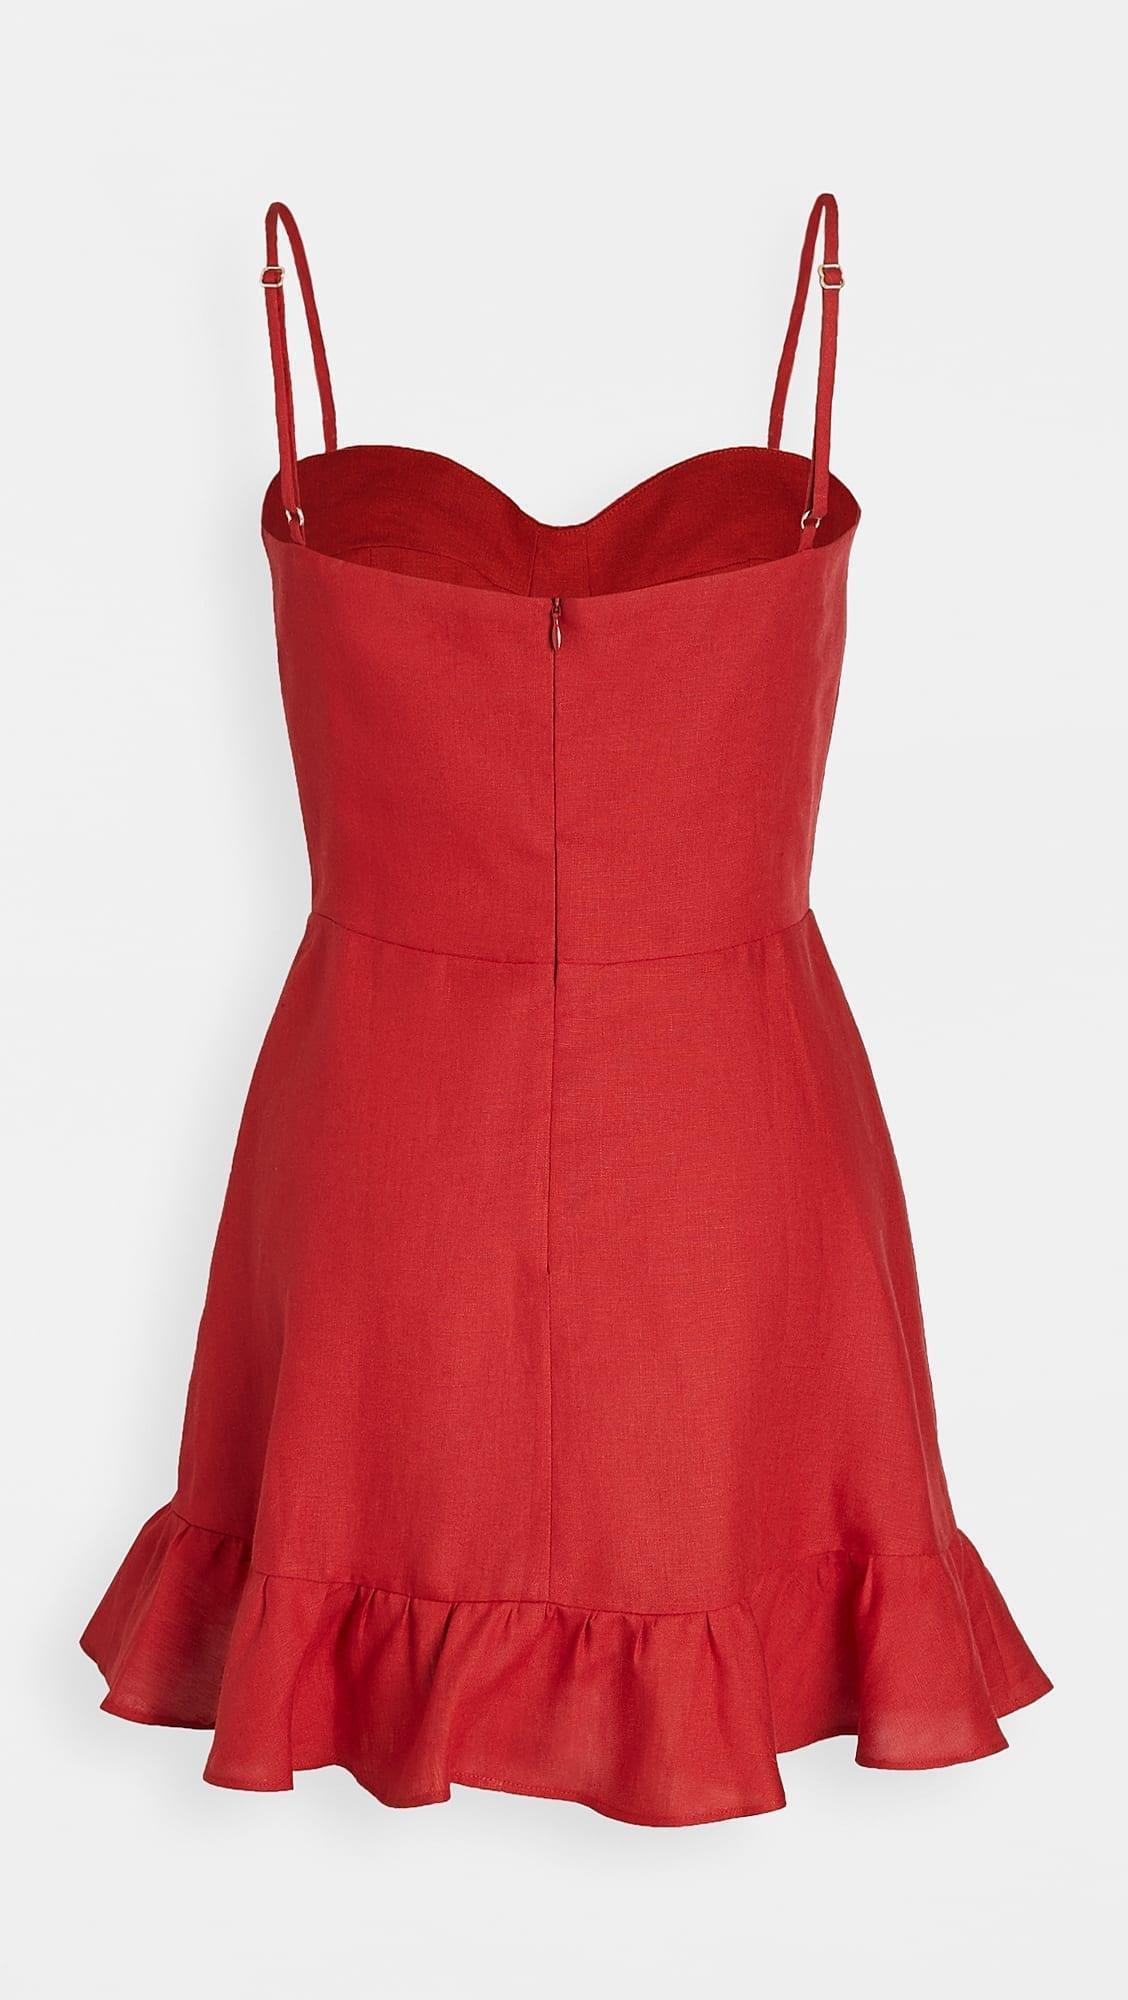 REFORMATION Mariana Dress